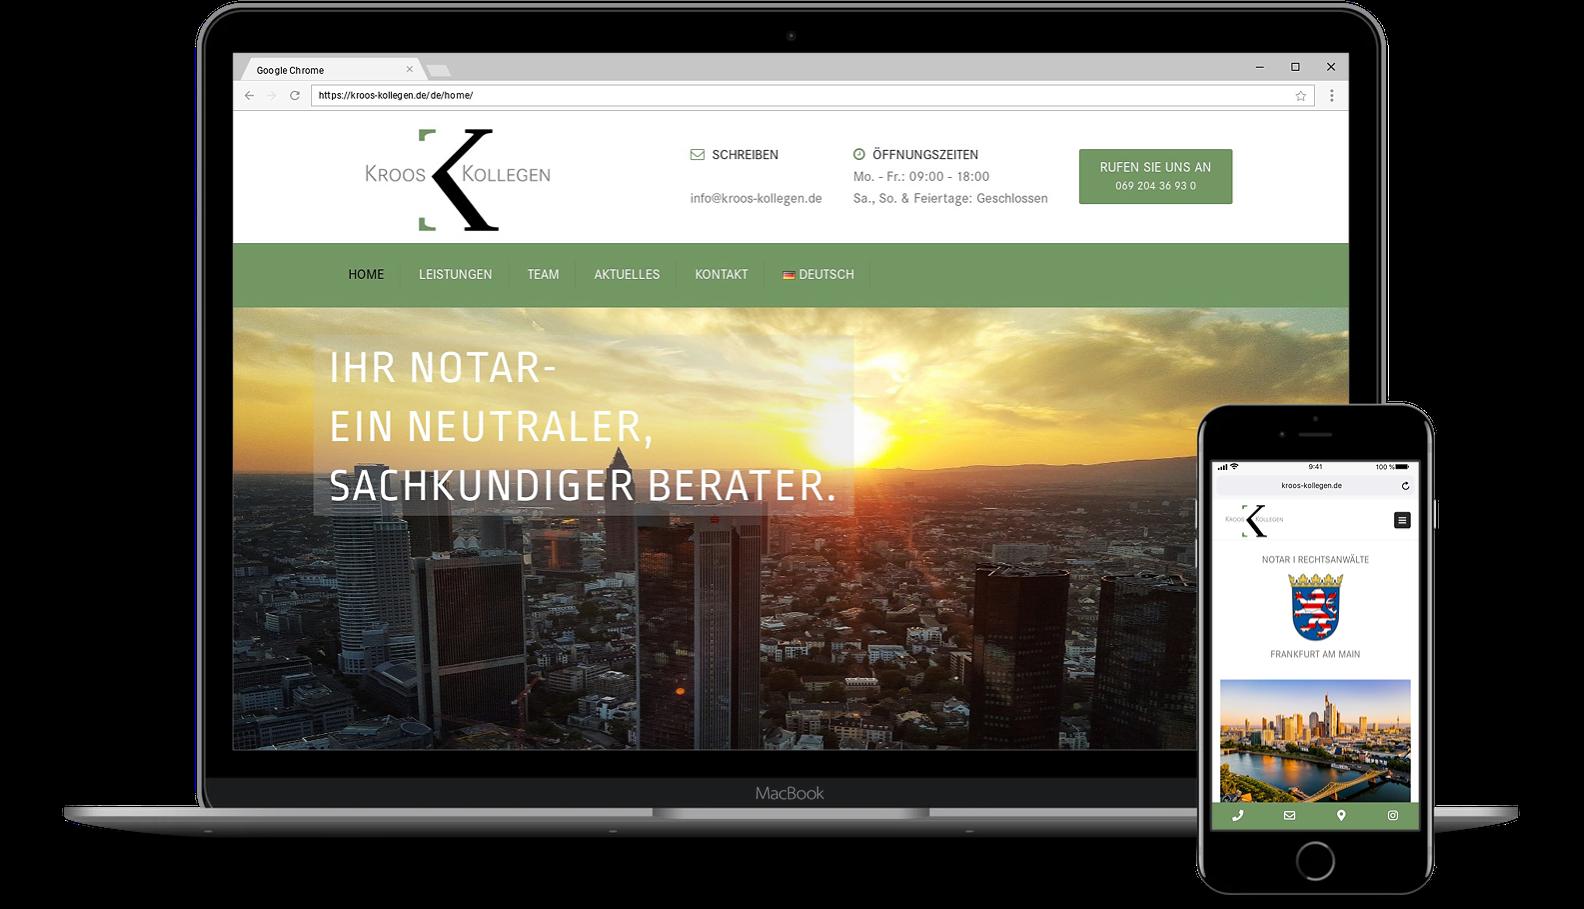 Webdesign für Webseite von Kroos I Kollegen